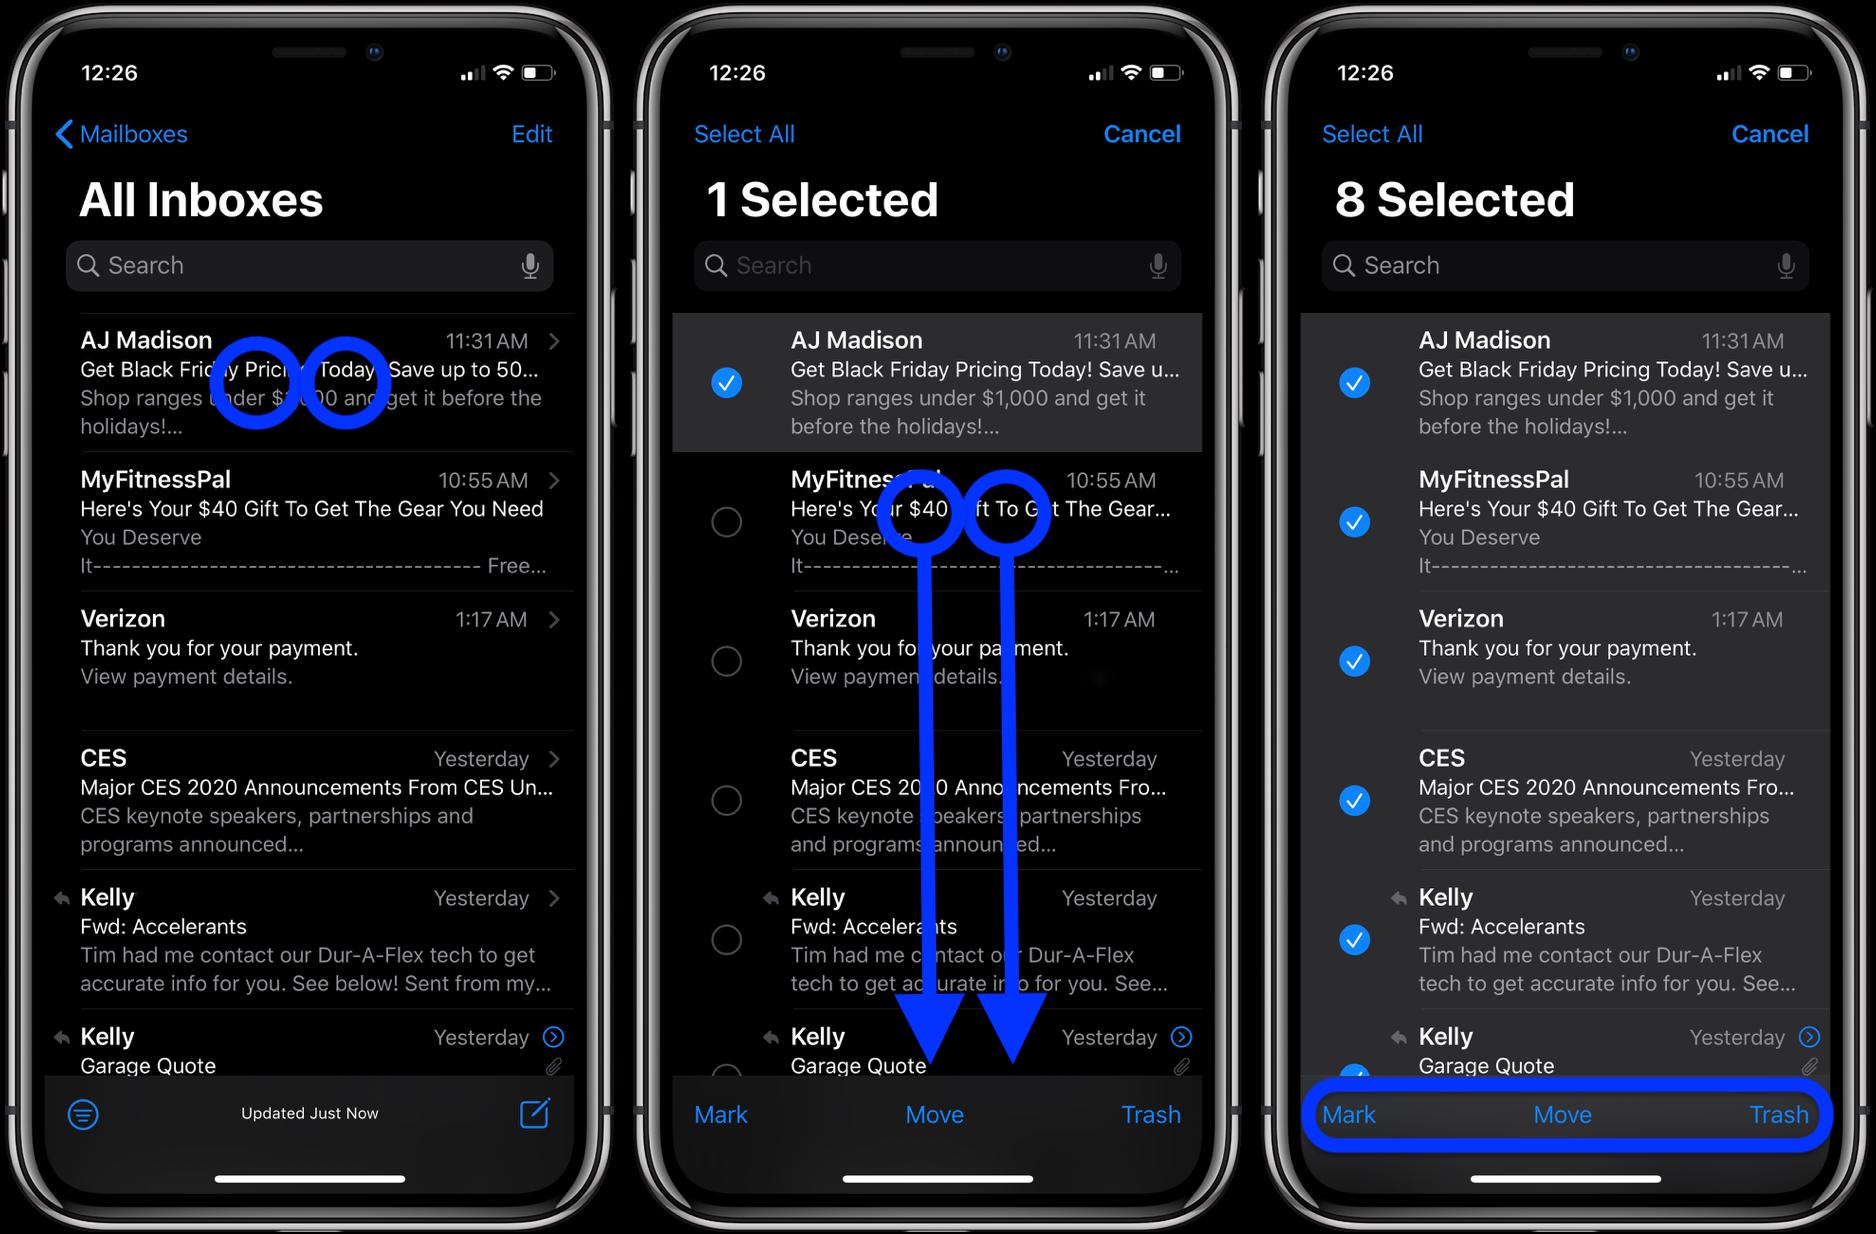 """<span href=""""https://9to5mac.com/2019/11/08/how-to-quickly-move-delete-emails-iphone-ipad-tap-gesture/"""">Cómo seleccionar, mover, eliminar varios mensajes de correo electrónico en el iPhone, iPad w/ toque con dos dedos</a>"""